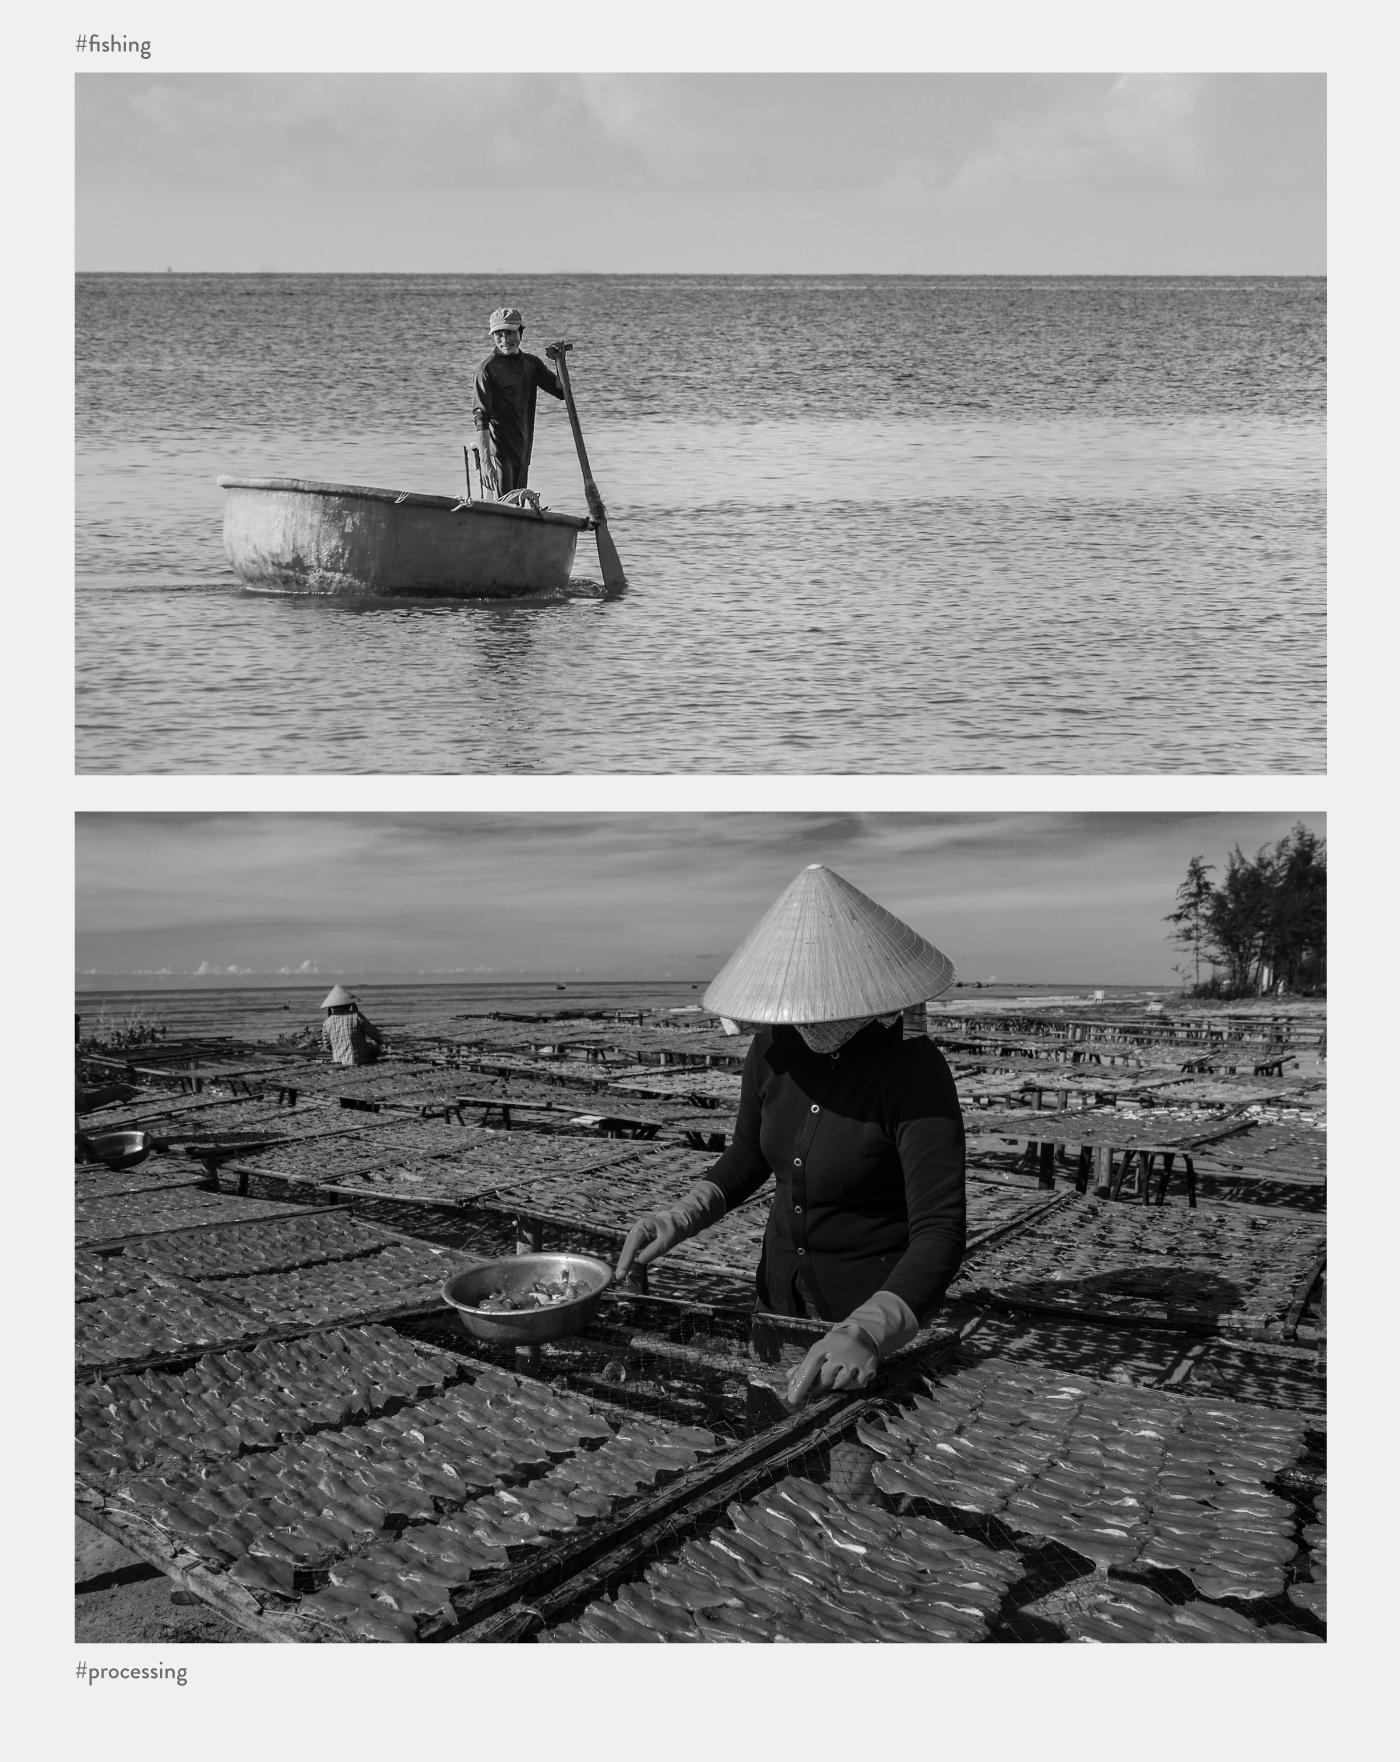 vietnam-packaging-ra-khoi-seafood-02